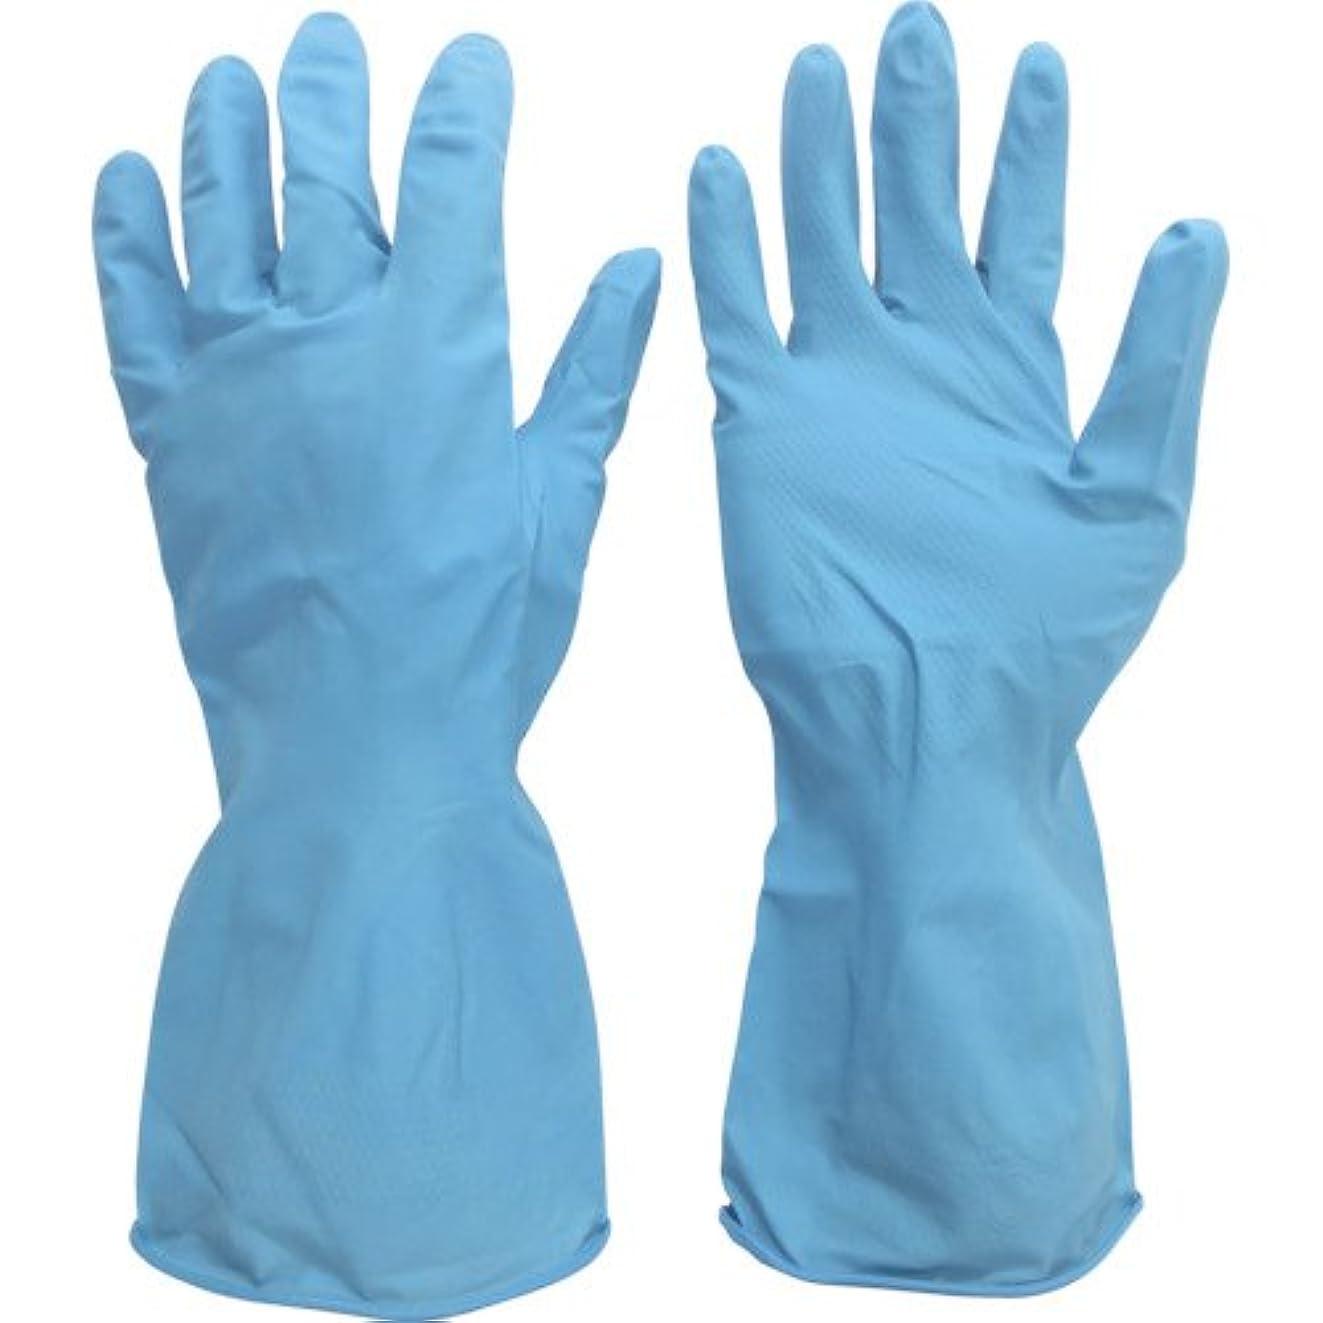 知的る平らにするミドリ安全 ニトリル薄手手袋 ベルテ270 1双入 S VERTE-270-S